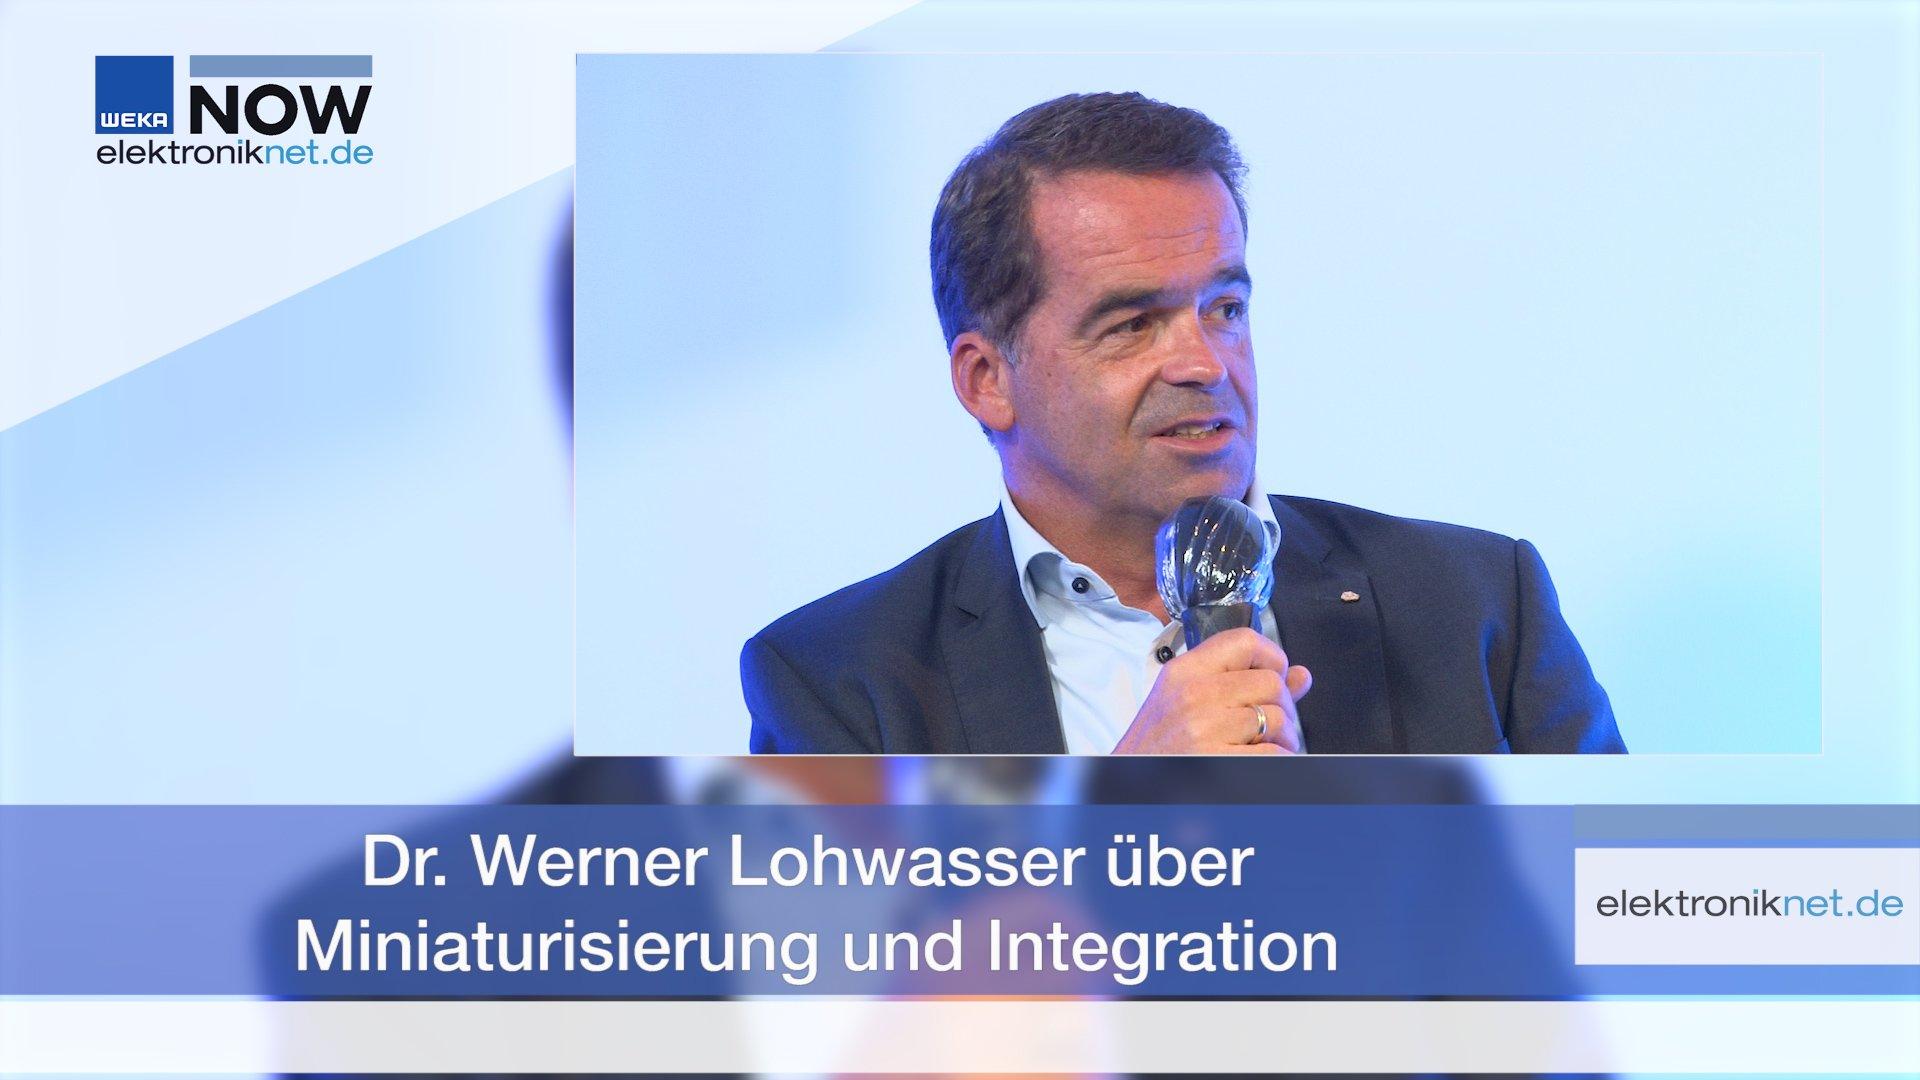 Dr. Werner Lohwasser über Miniaturisierung und Integration